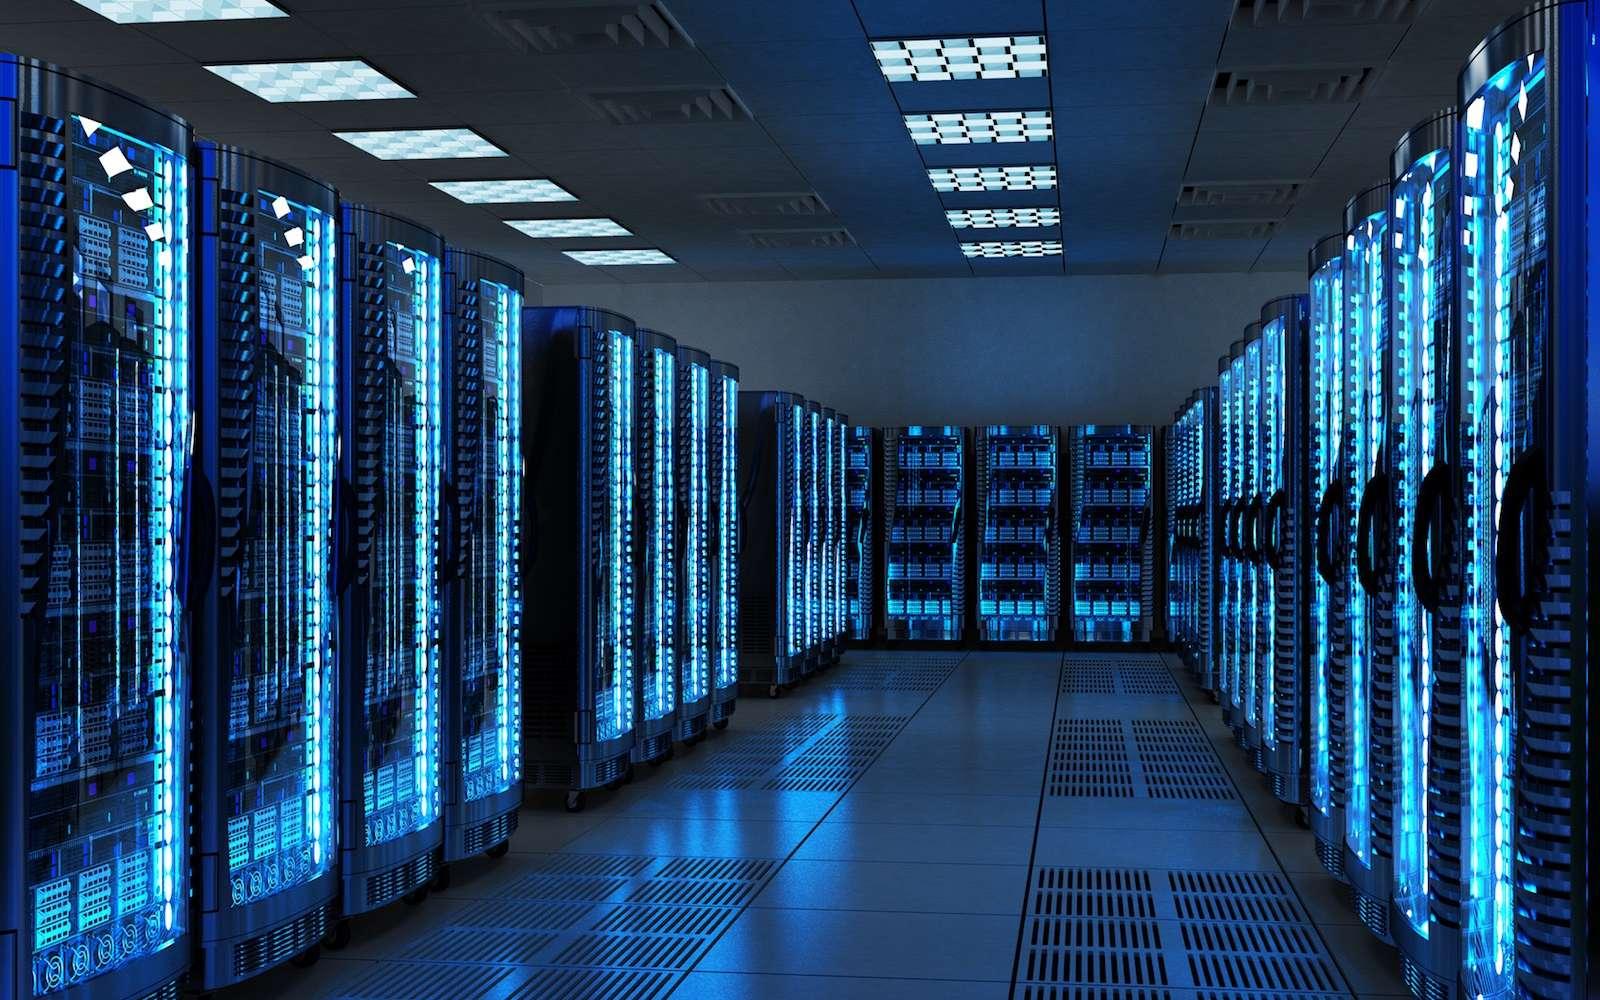 Pour protéger la planète tout en limitant sa facture d'électricité, Google fait confiance depuis deux ans à l'intelligence artificielle pour optimiser le refroidissement de ses datacenters.